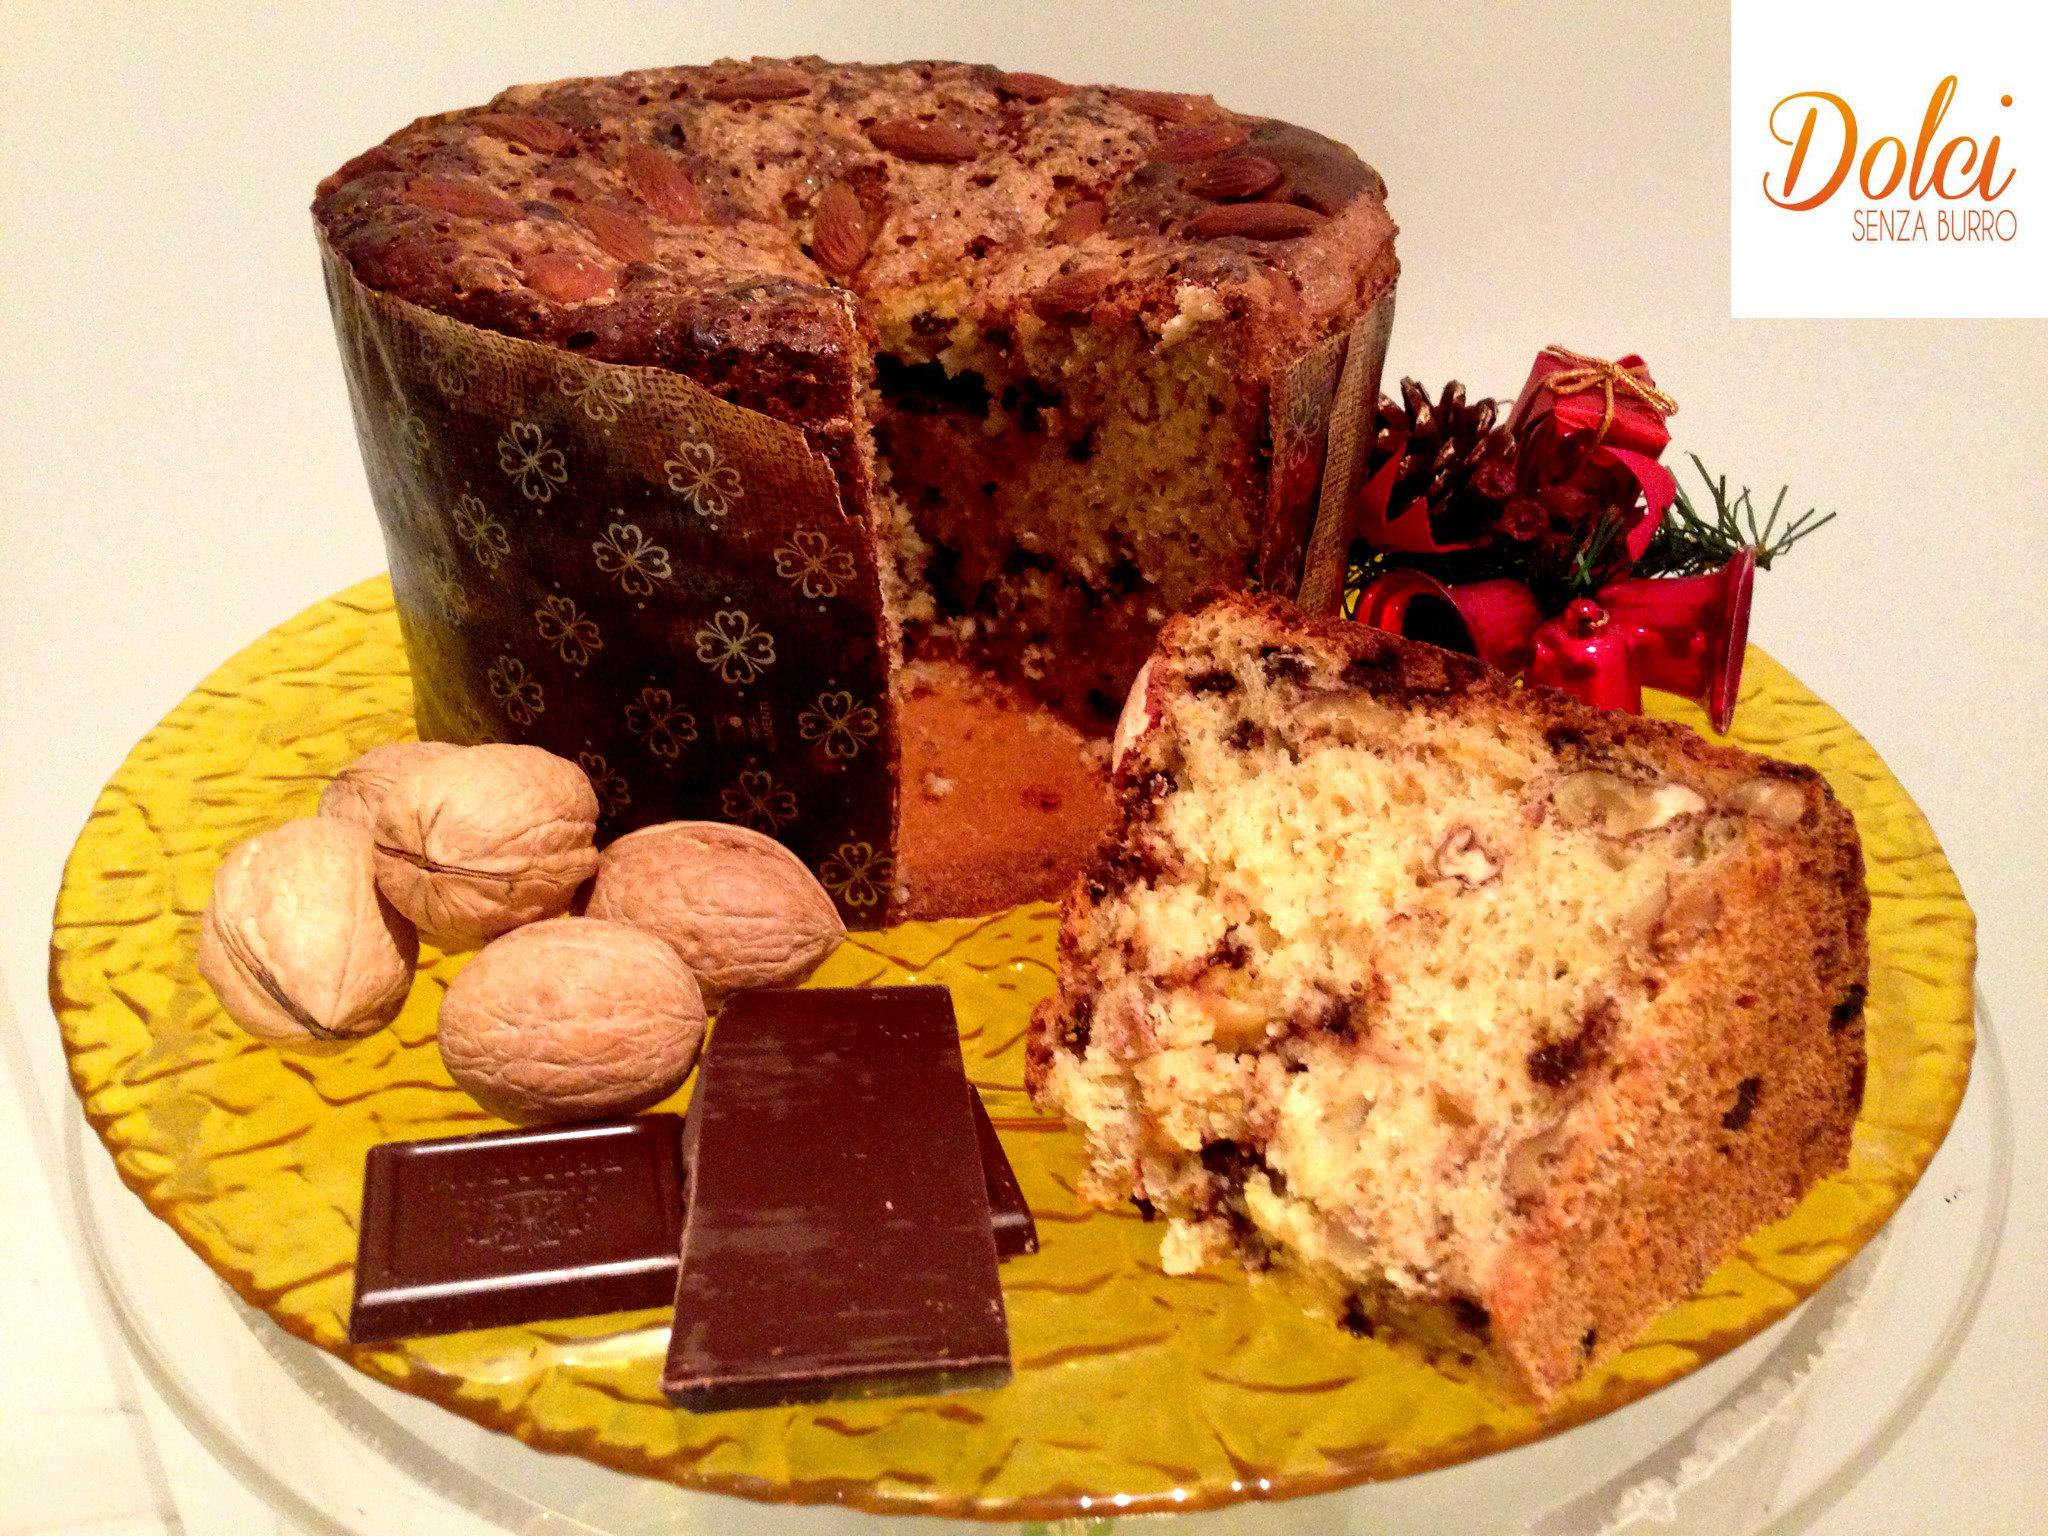 Il panettone senza burro con cioccolato noci e mandorle, il dolce di natale di dolci senza burro